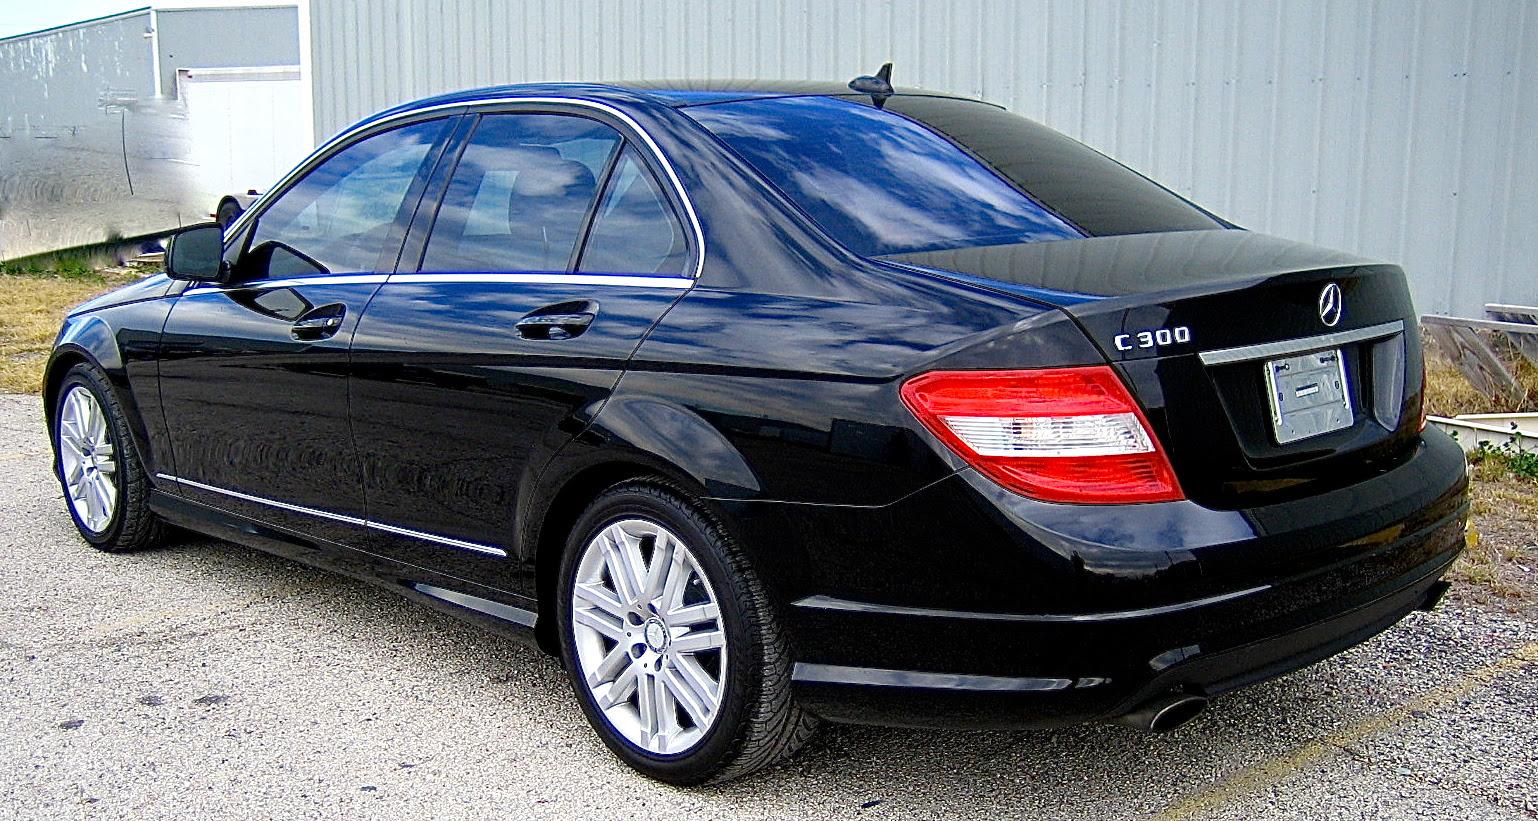 2009 Mercedes-Benz C-Class - Pictures - CarGurus